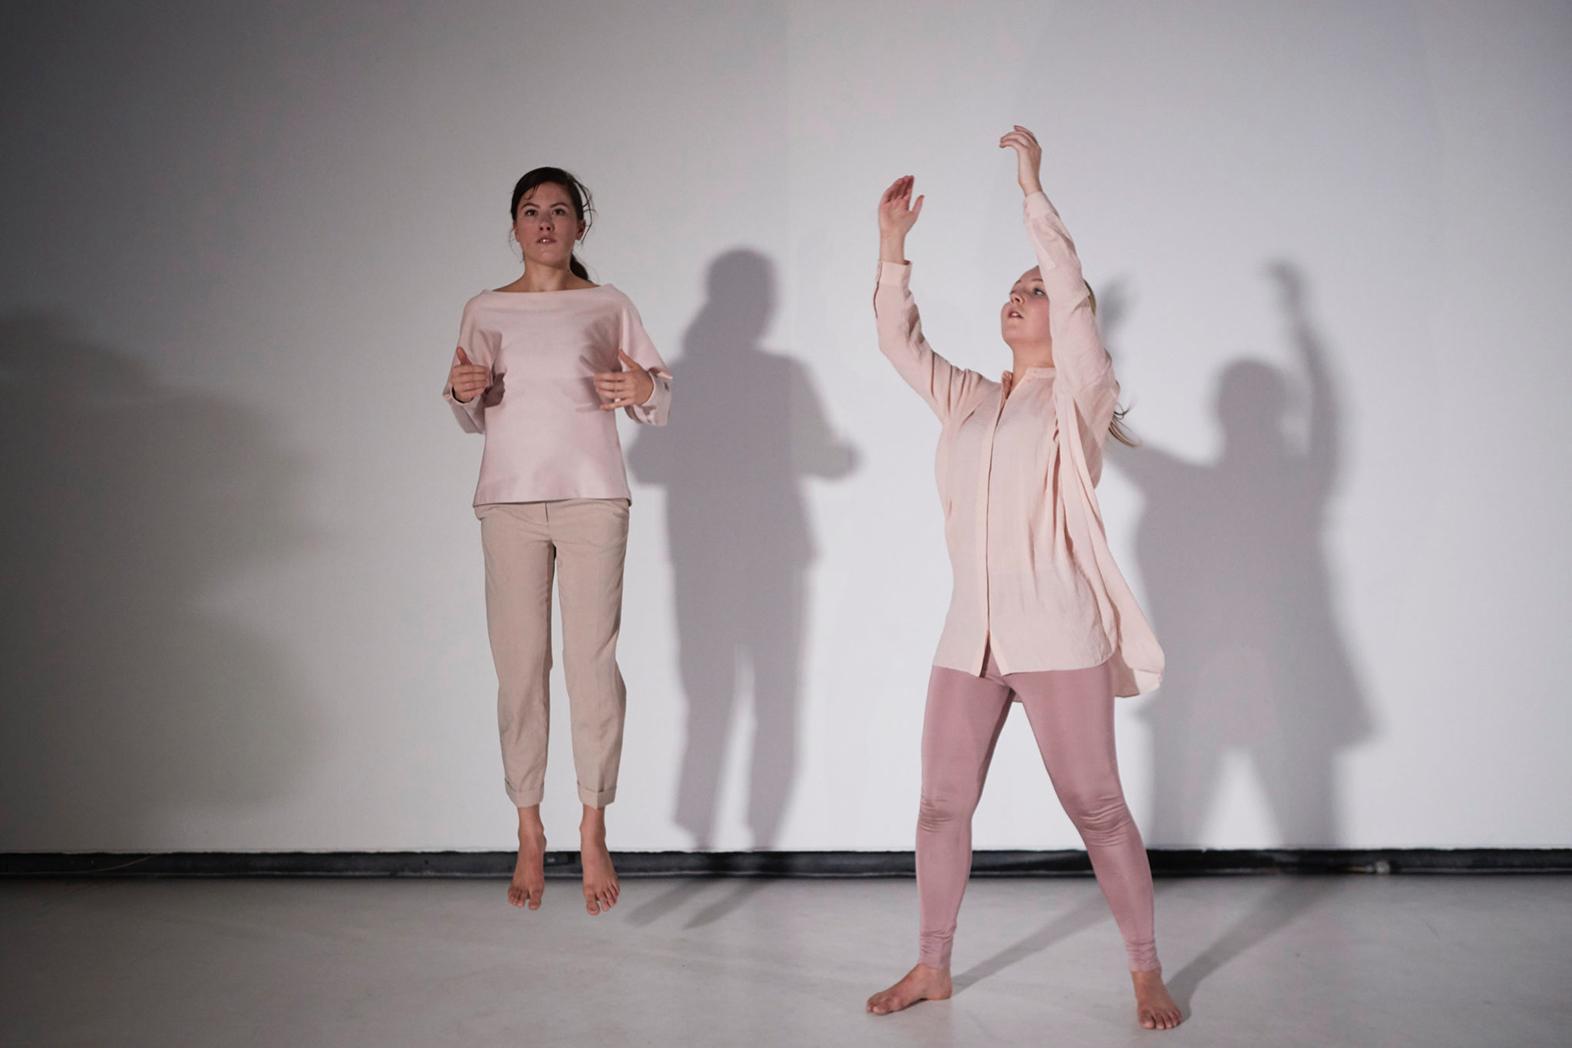 Foto acca melbourne ada juga yang menyebut performance art sebagai body